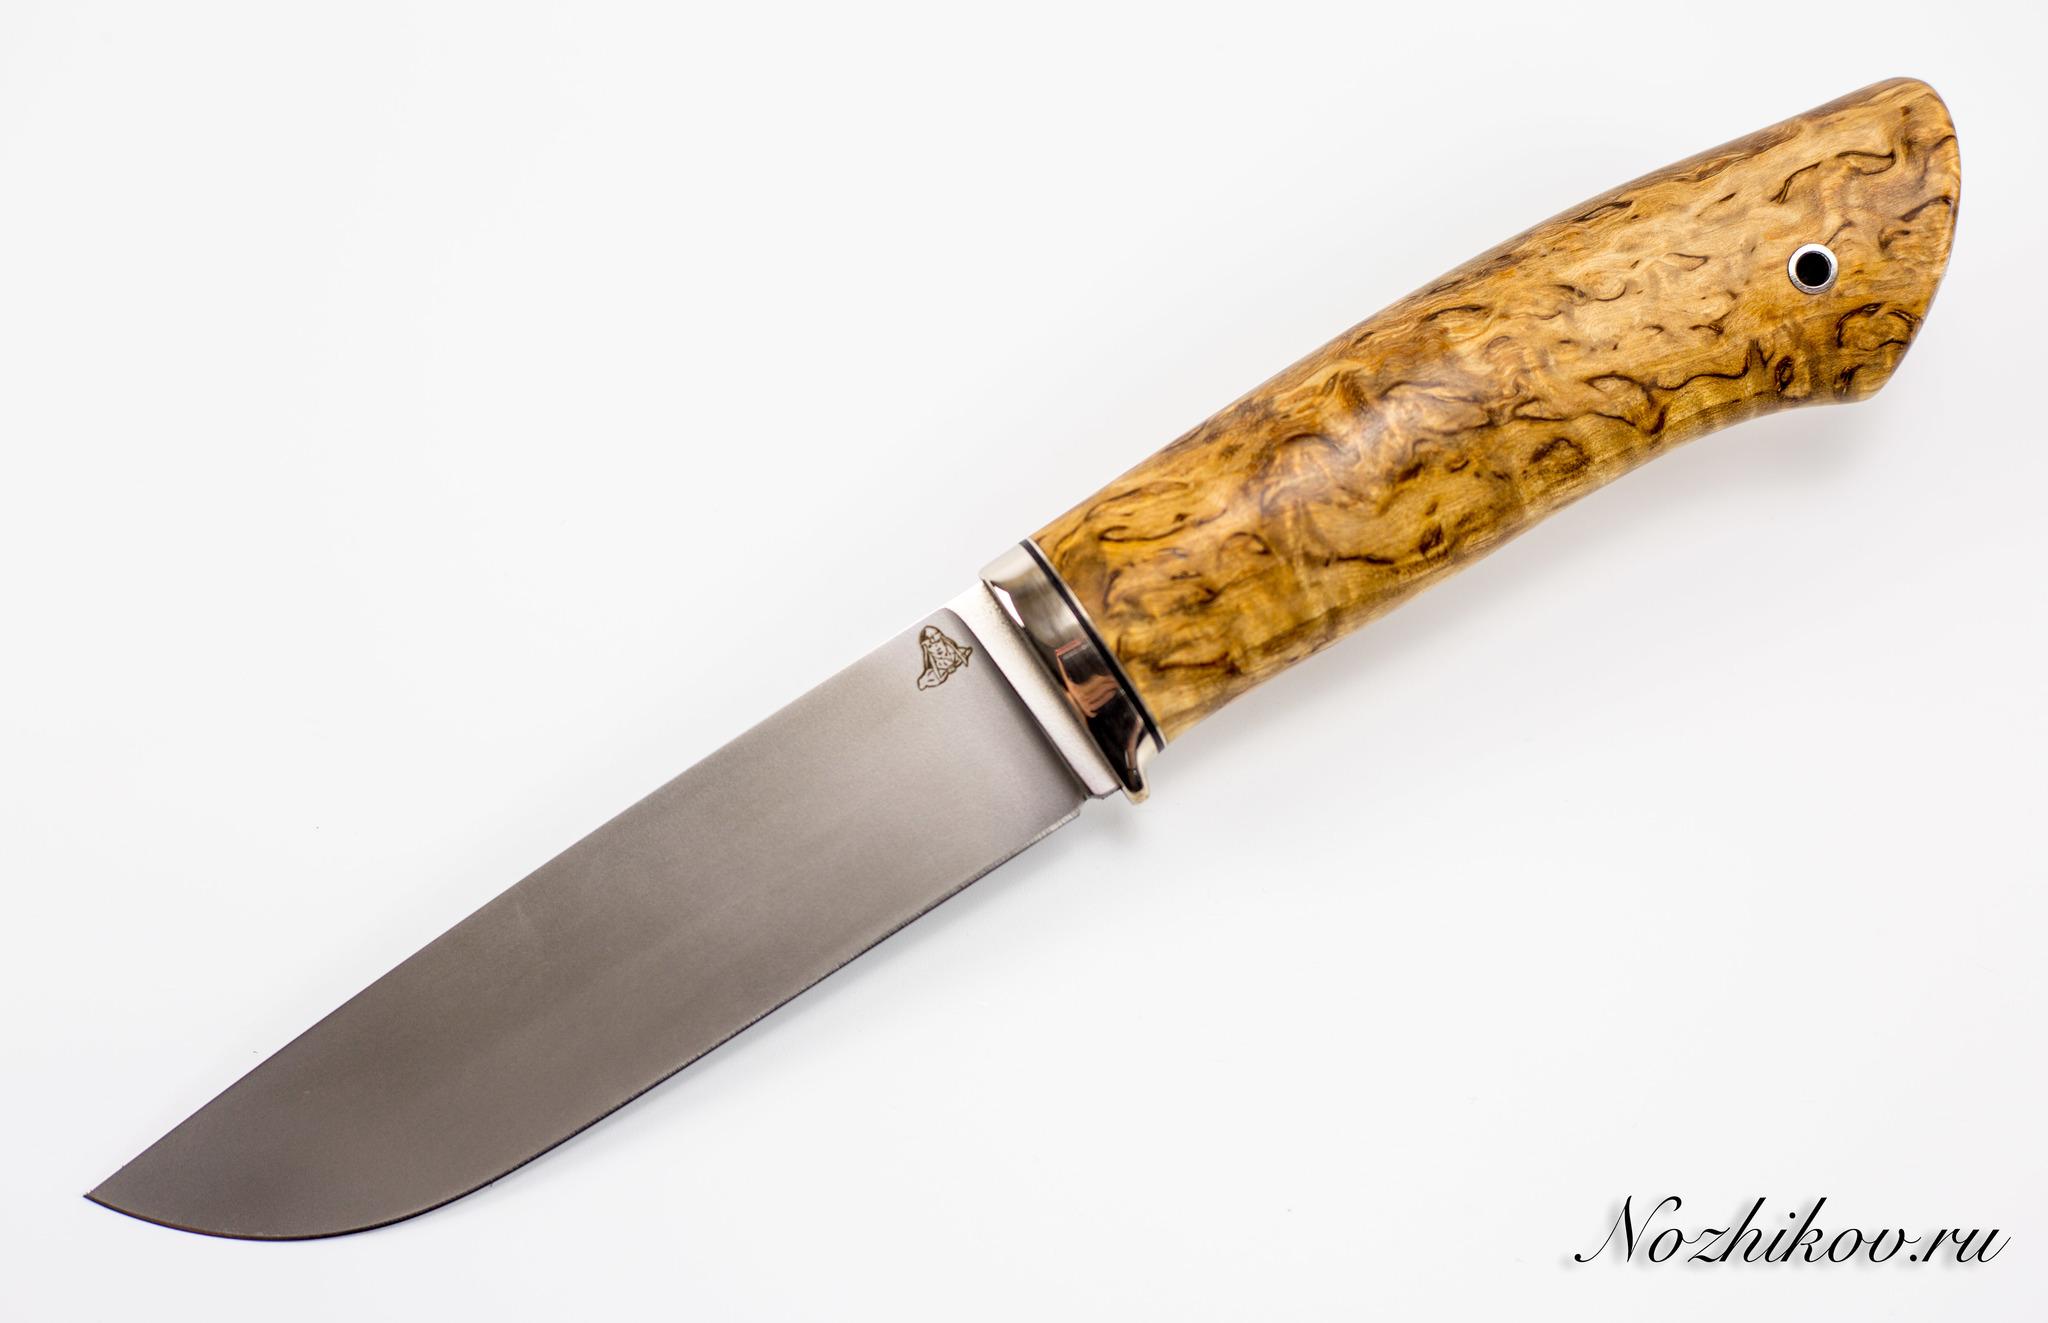 Нож Клык, vanadis 10, мельхиор, карельская березаНожи Ворсма<br><br>